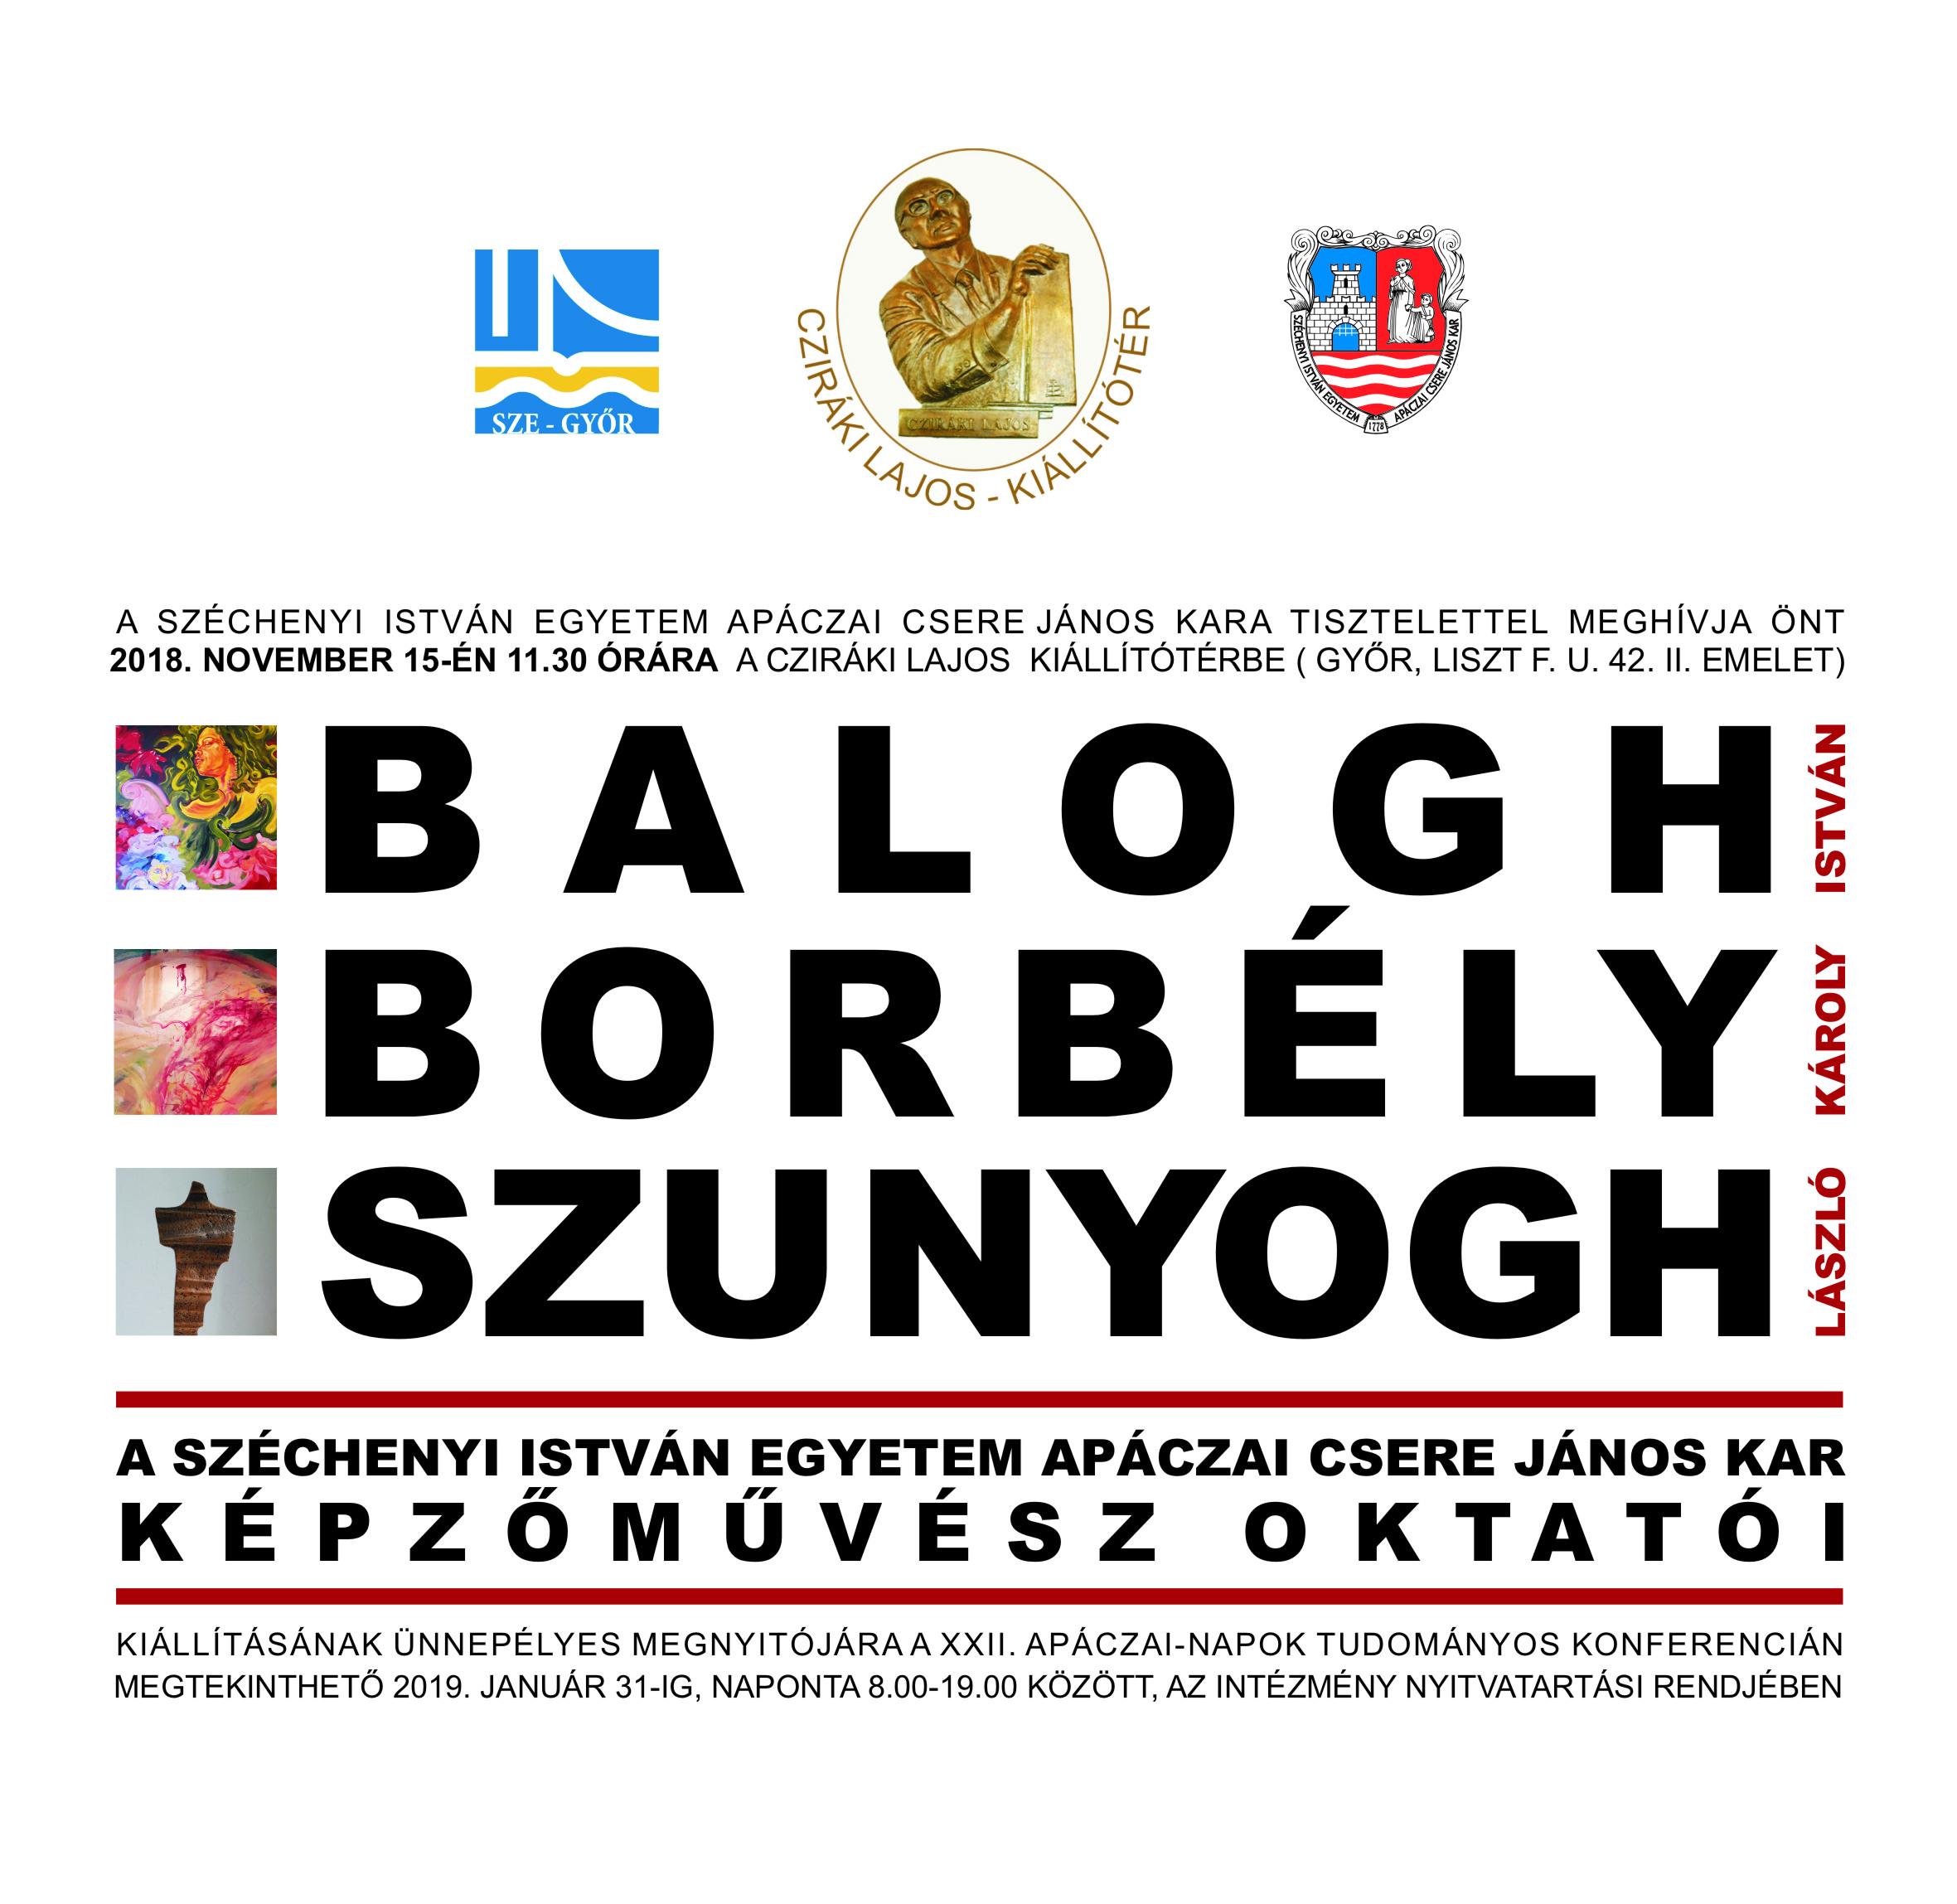 Balogh-Borbély-Szunyogh kiállítás